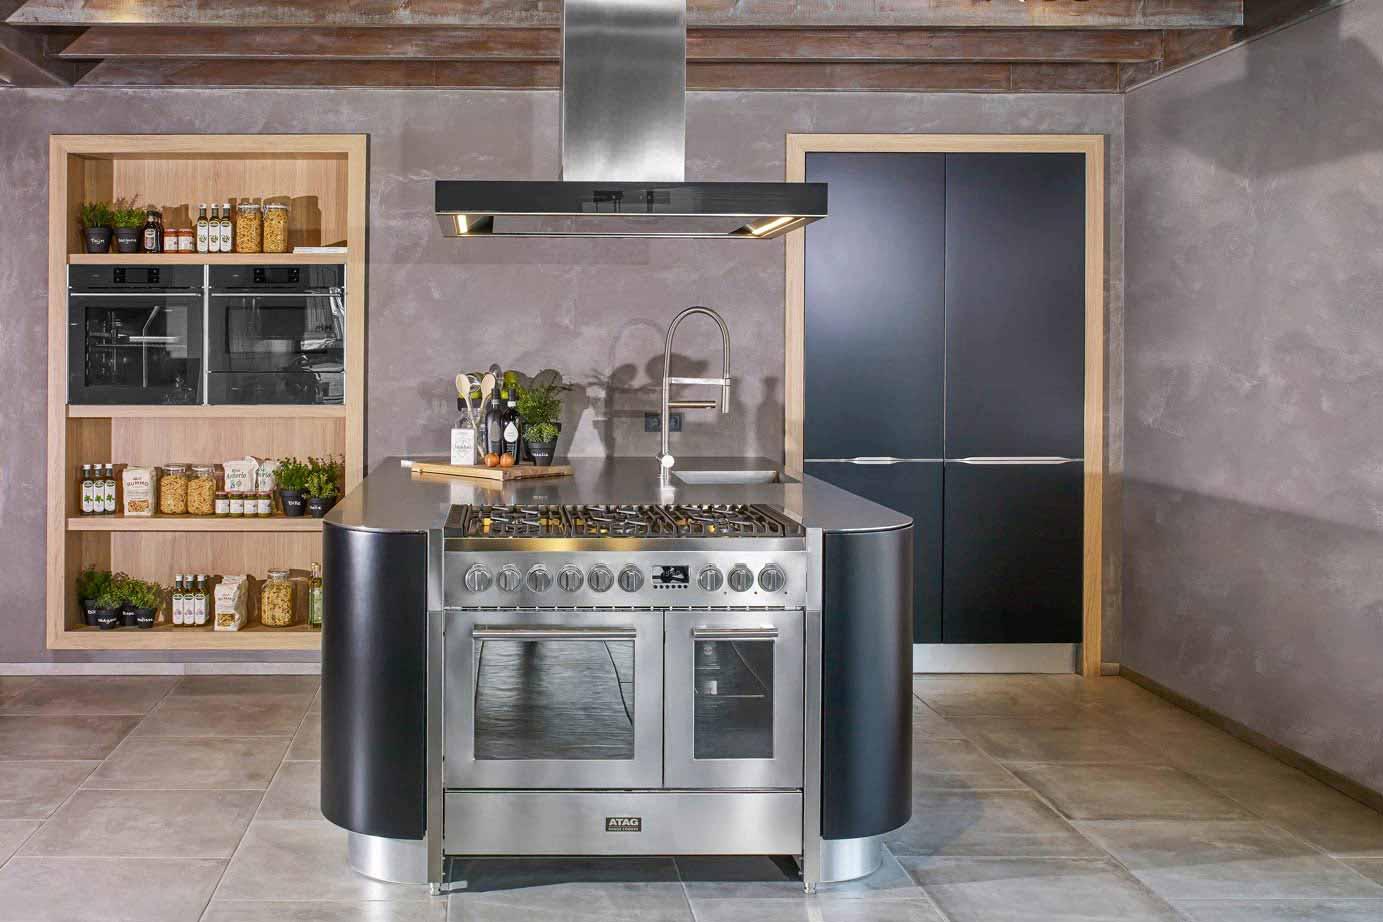 Klasse Keukens Leende : Luxe keukens vanaf euro ook maatwerk mogelijk adee